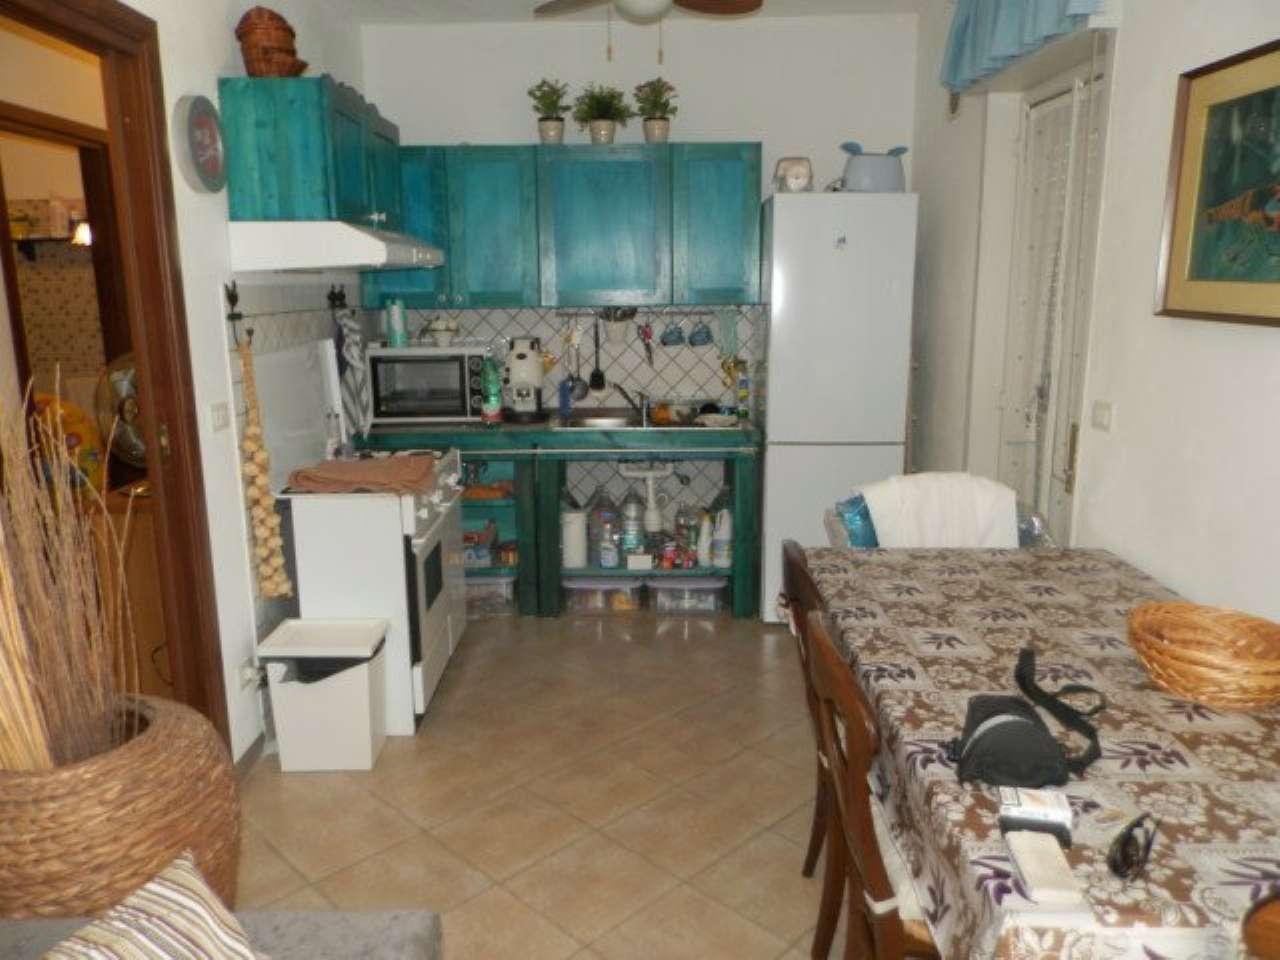 Villa in vendita a Catania, 6 locali, prezzo € 112.000 | Cambio Casa.it